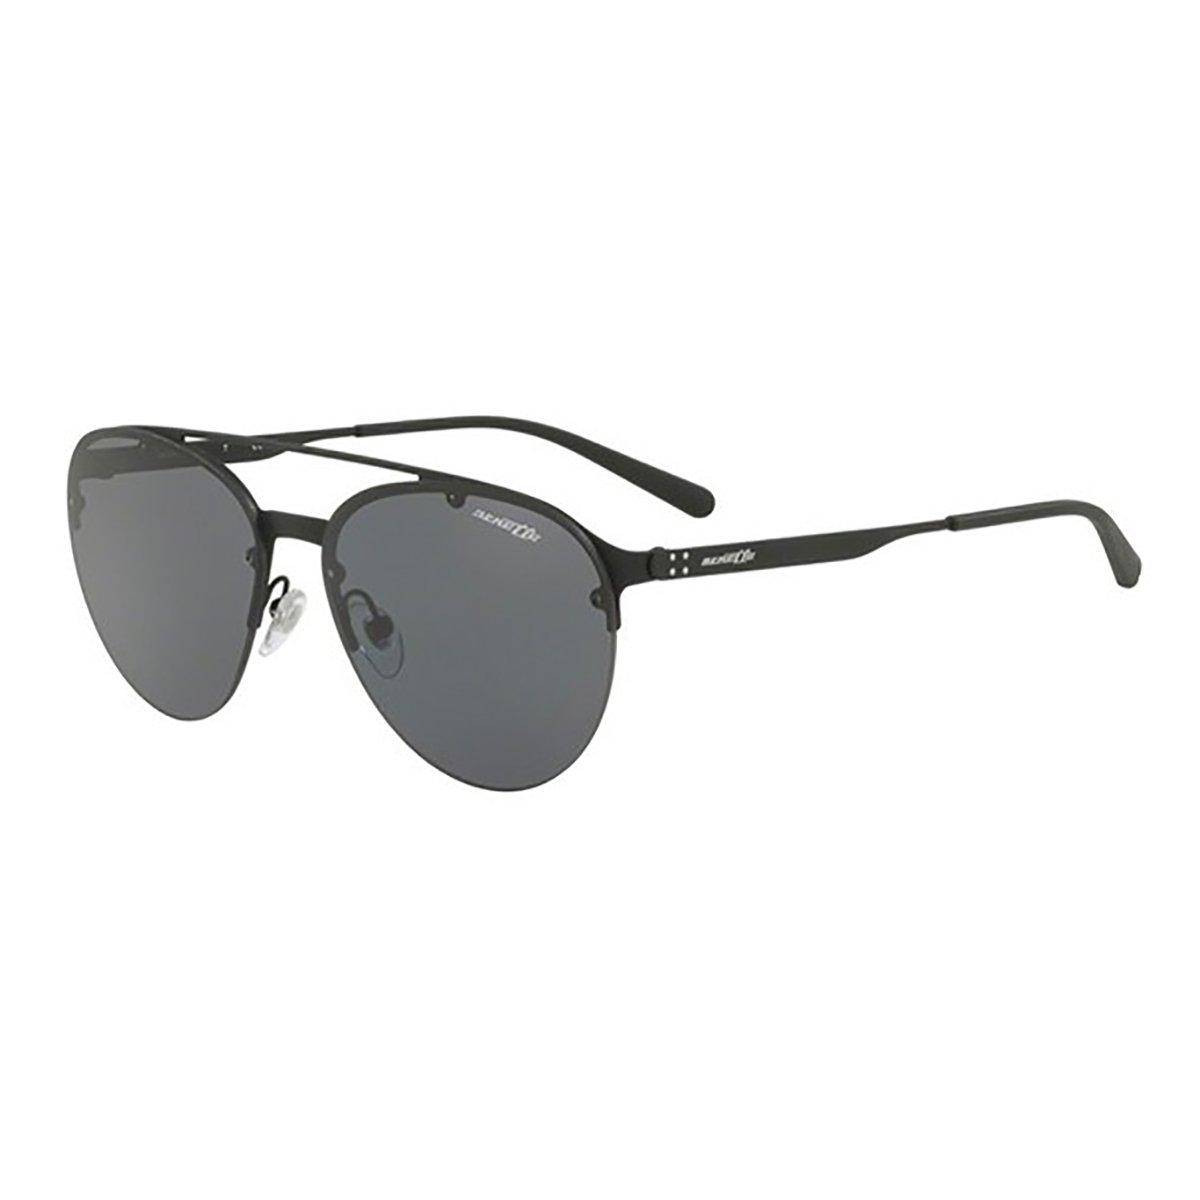 Compre Óculos de Sol Arnette Dweet em 10X   Tri-Jóia Shop 0917fdcdfe